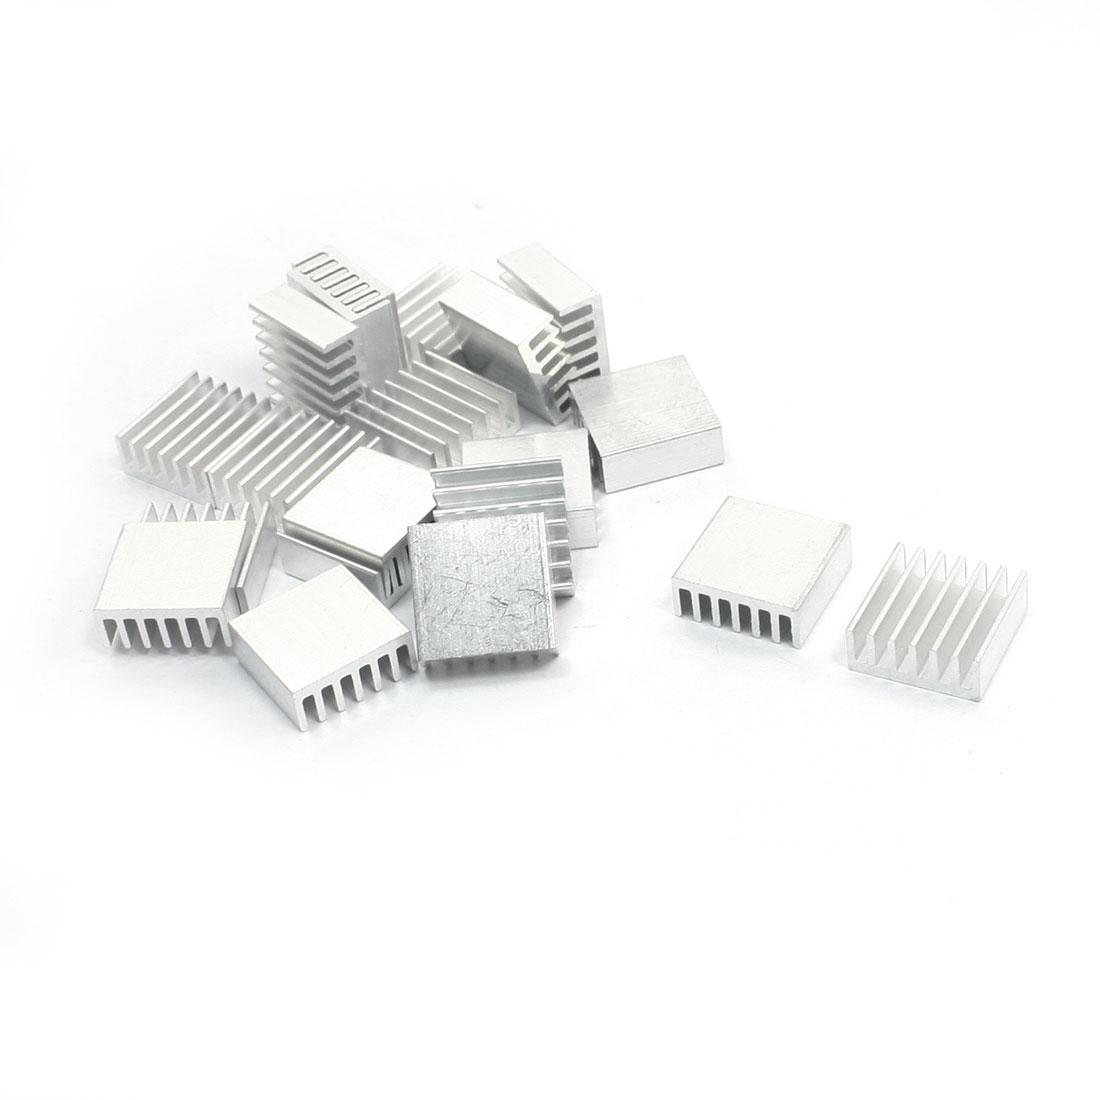 20 Pcs Aluminium Heat Diffuse Heatsink Cooling Fin 14mm x 14mm x 6mm